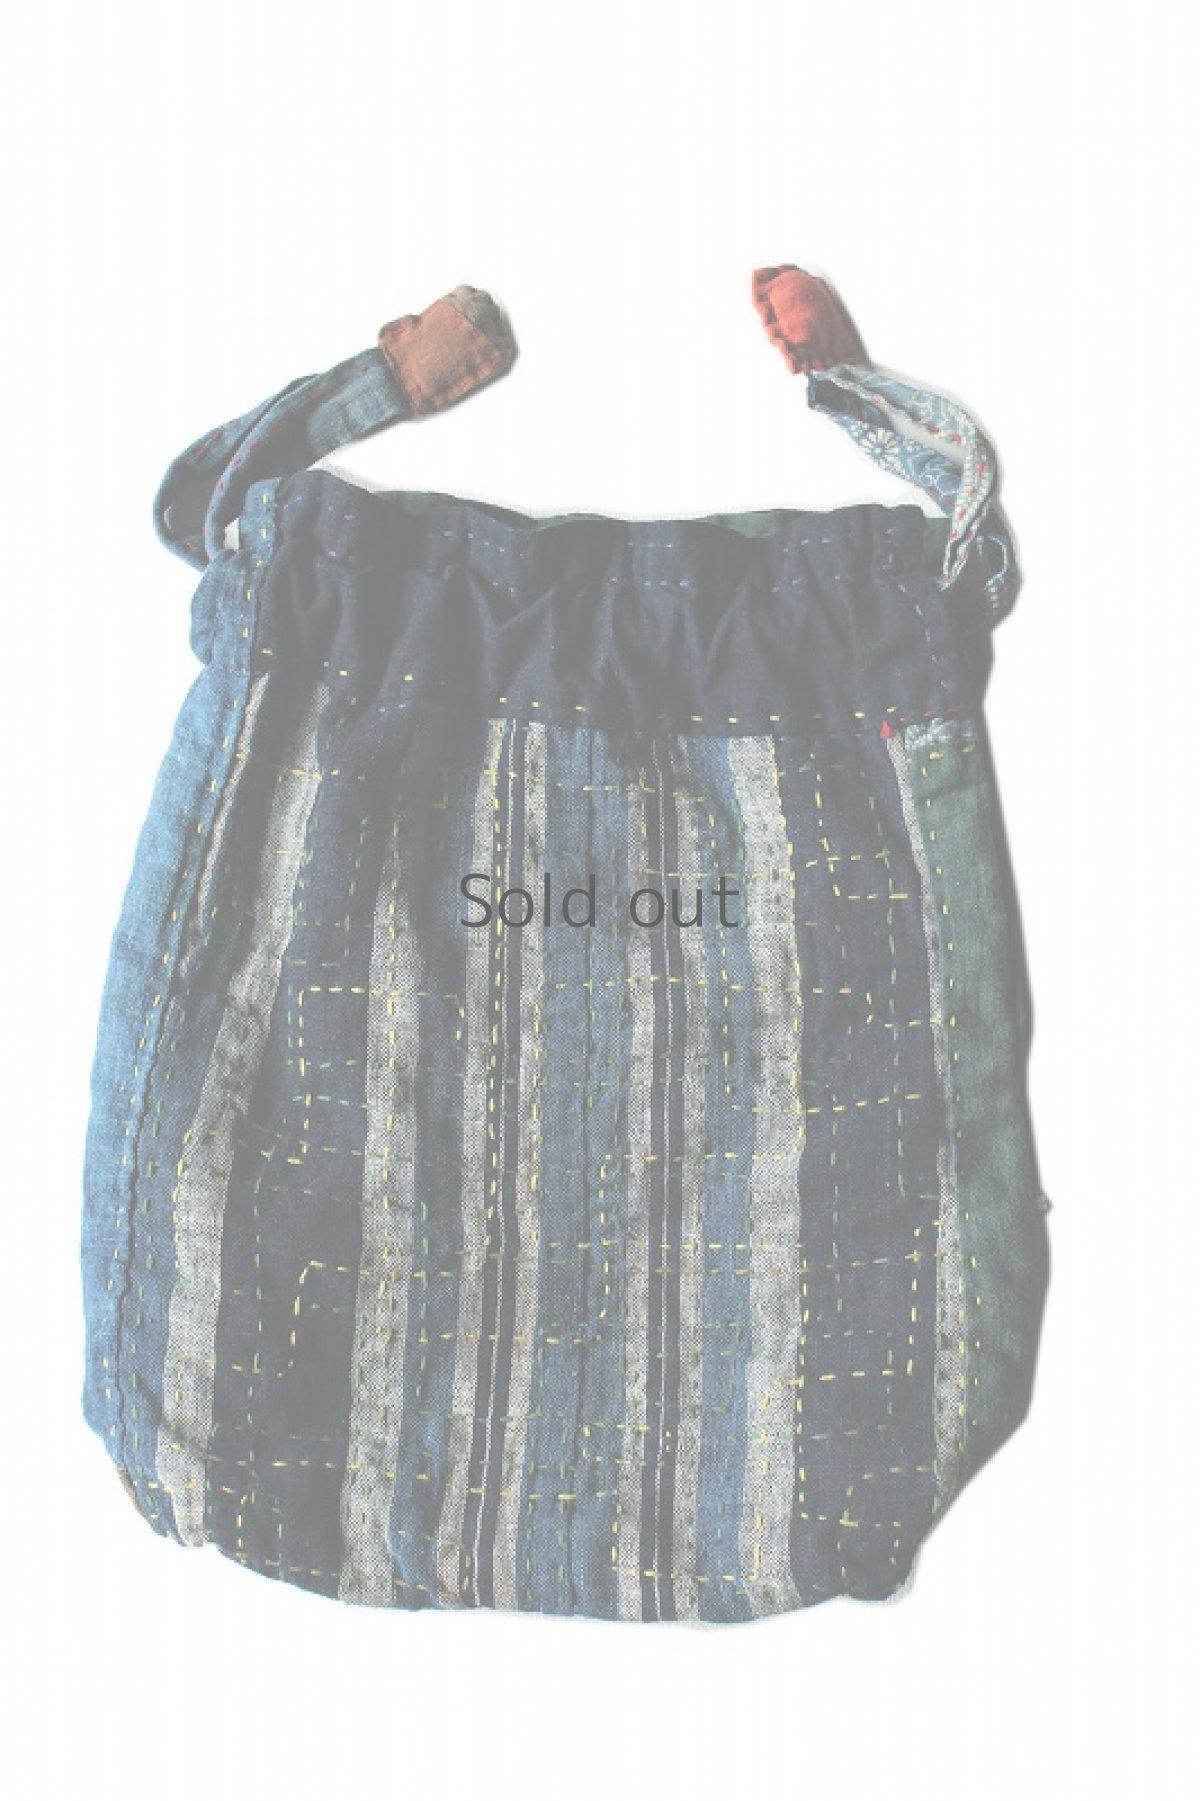 画像1: 【桃雪】藍染刺し子古布 へんちくりん巾着バッグ (1)